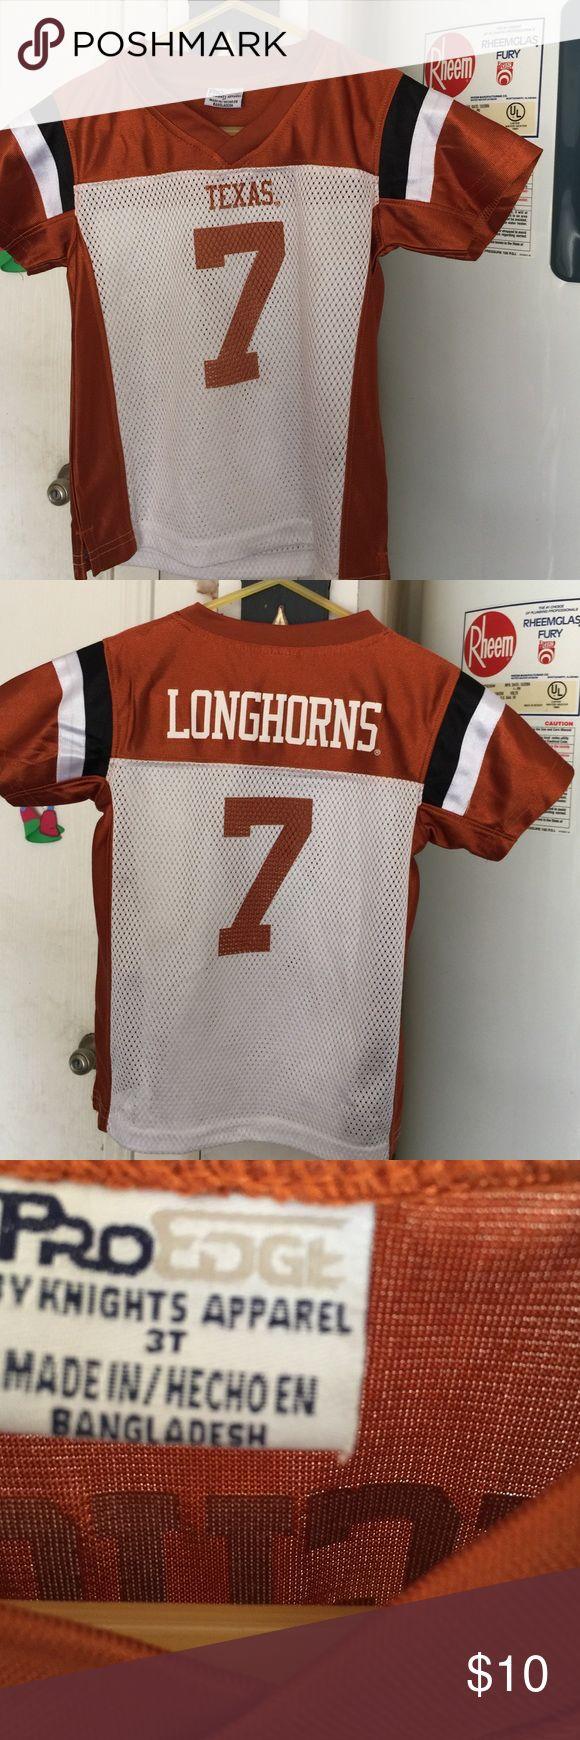 Texas longhorn jersey Long horns jersey 3t Shirts & Tops Tees - Short Sleeve